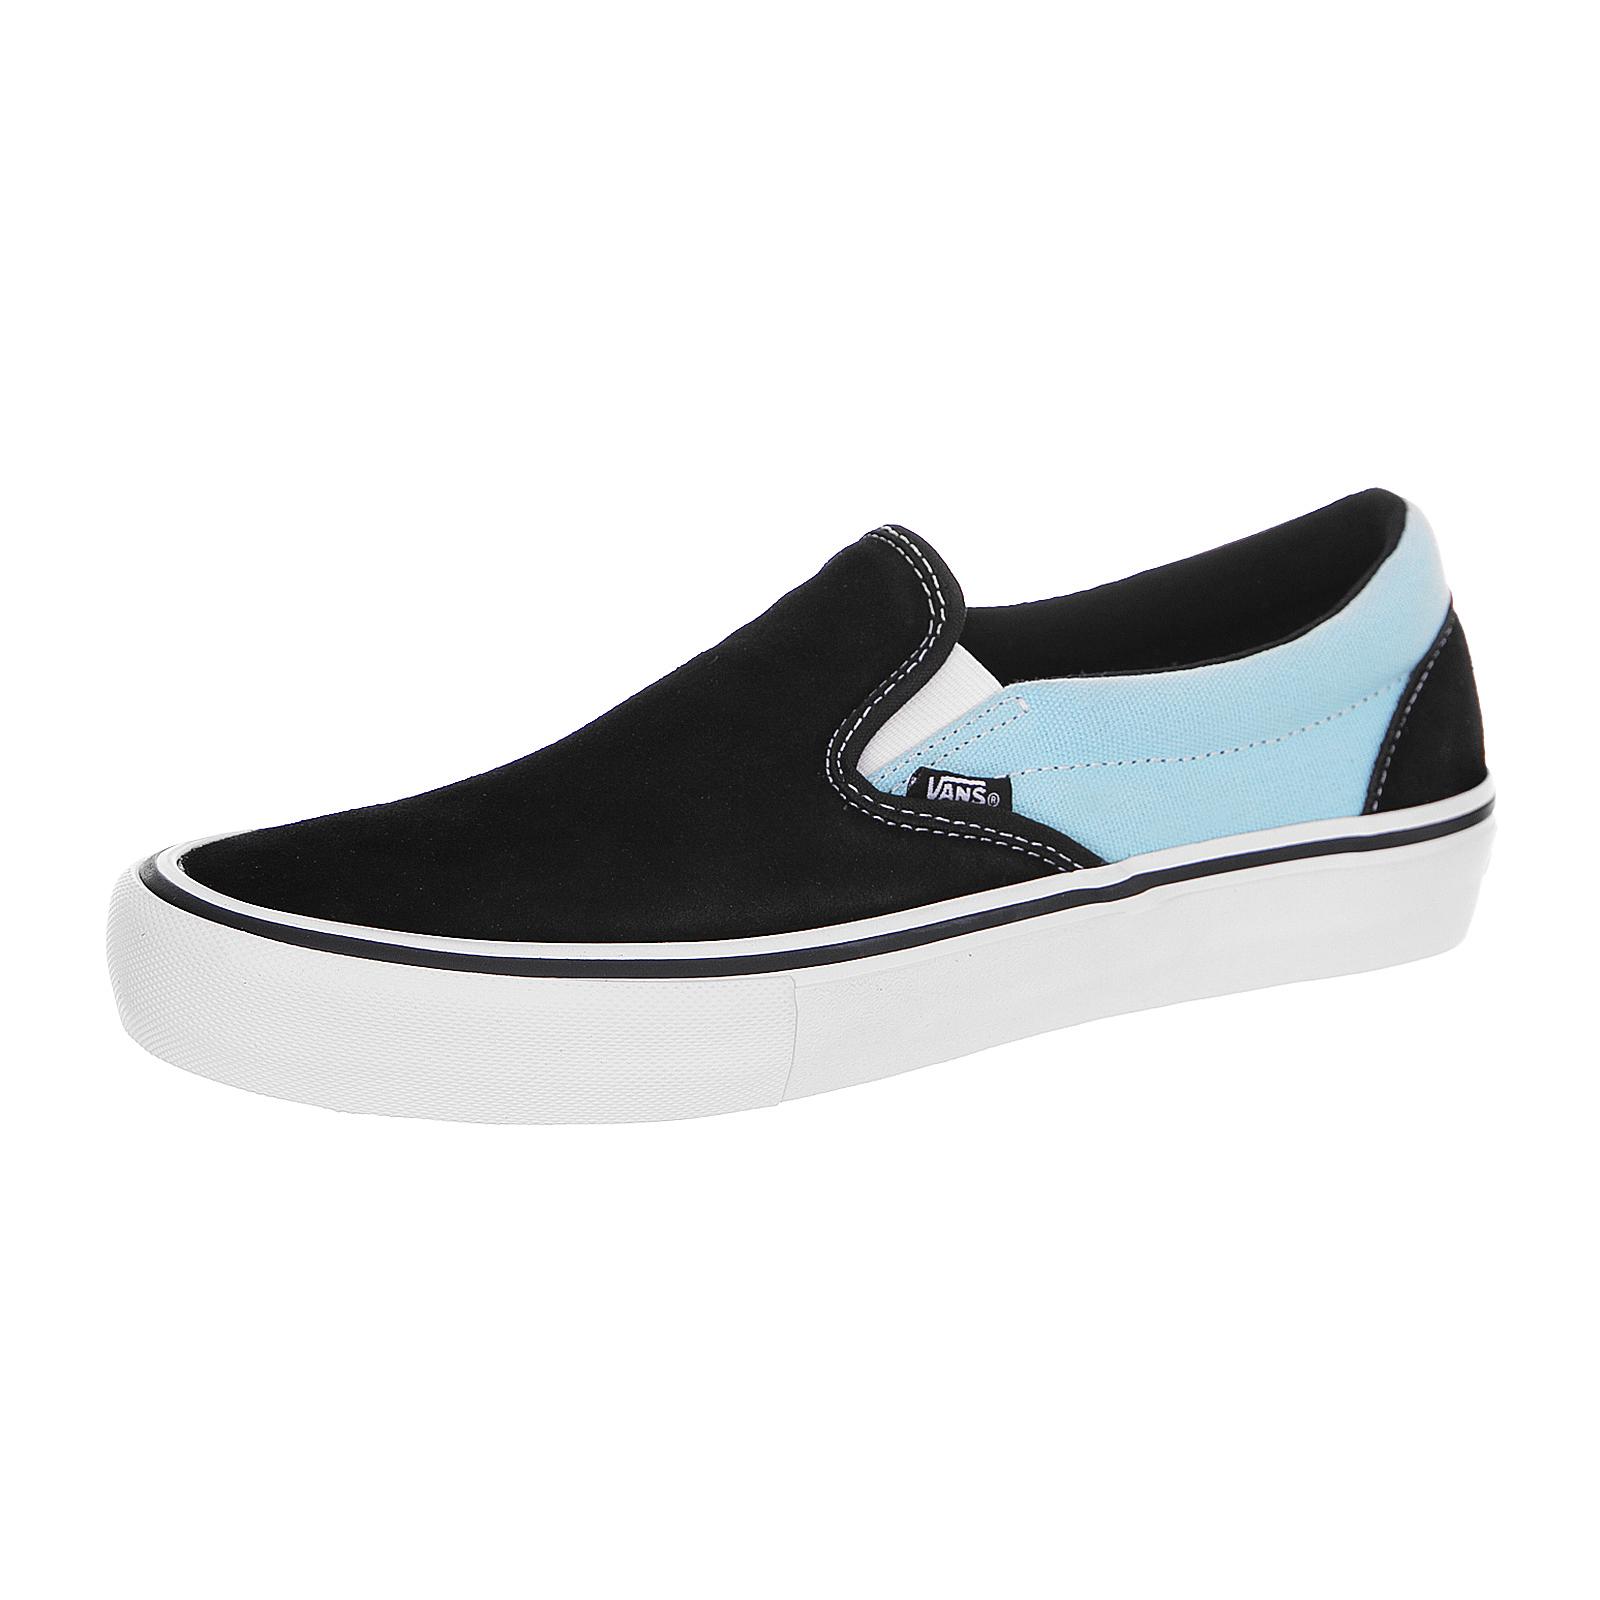 68a3af146786 Vans Sneakers Slip-On Pro (Asymmetry) Black   Blue   Rose Black